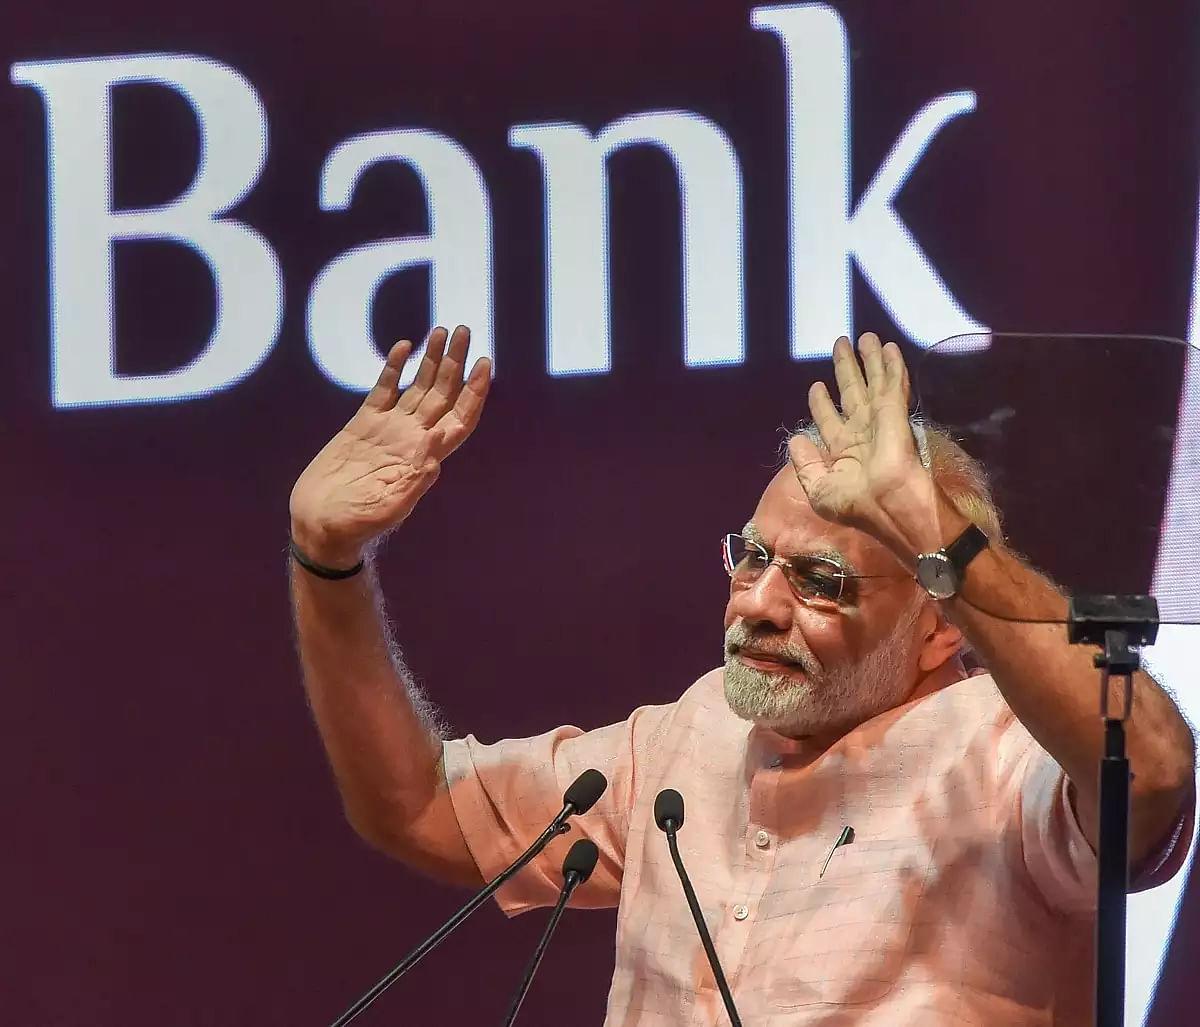 """EIA2020 : """"கார்ப்பரேட் முதலாளிகளுக்கு கார்பெட் விரிக்கும் மோடி அரசு"""" - மு.க.ஸ்டாலின் கடும் எதிர்ப்பு!"""